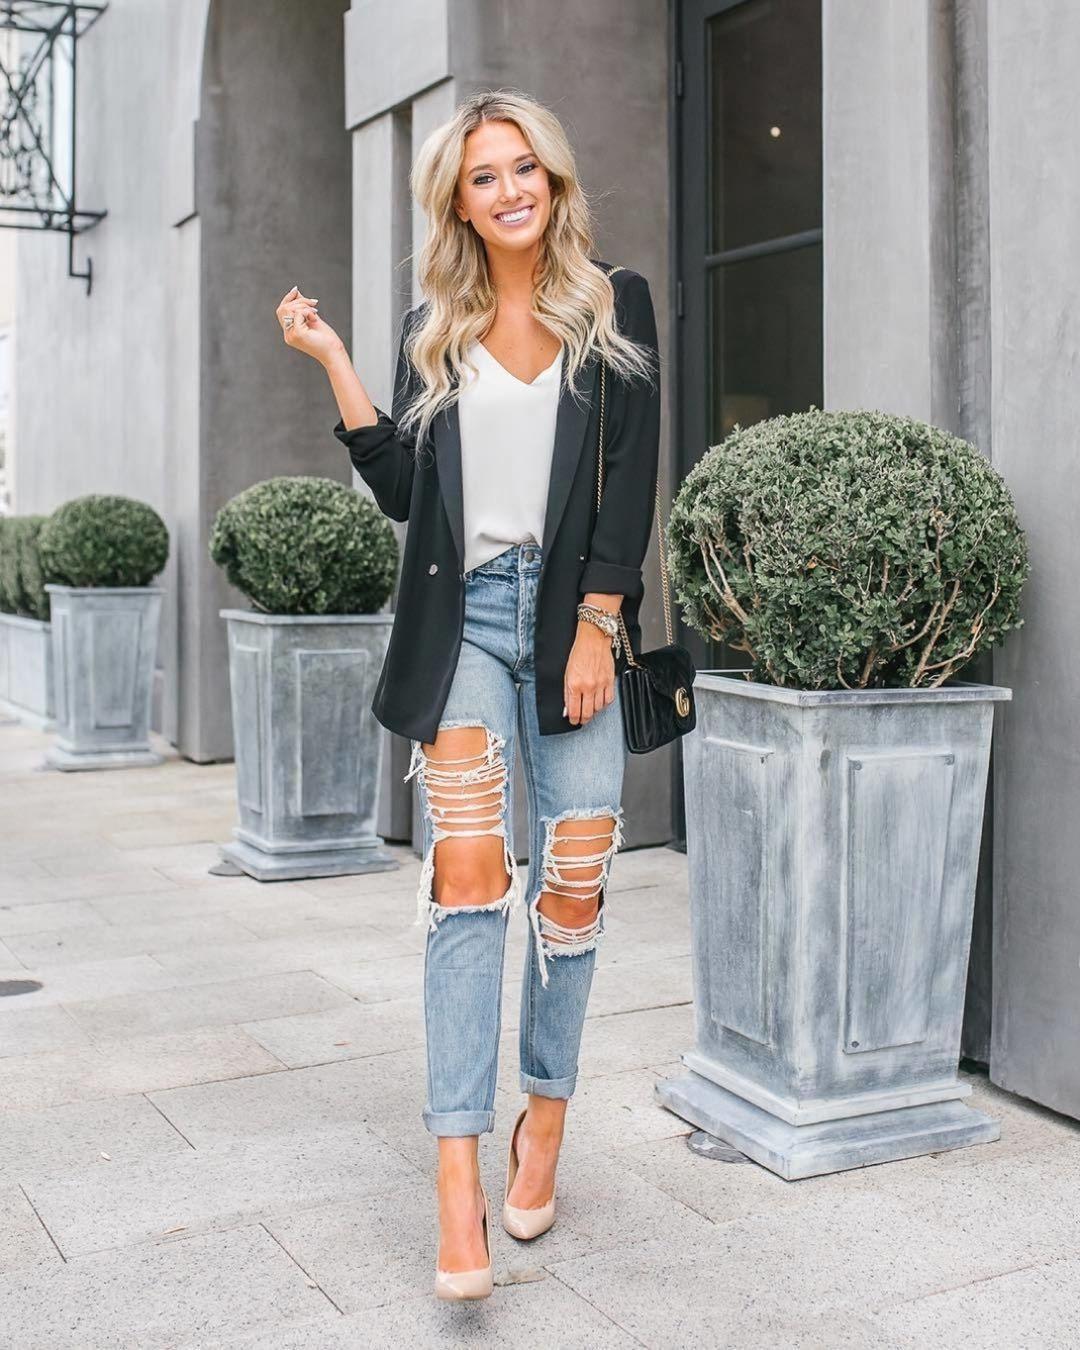 Попробуй примерить сочетание рваных джинсов с вещами в деловом стиле.